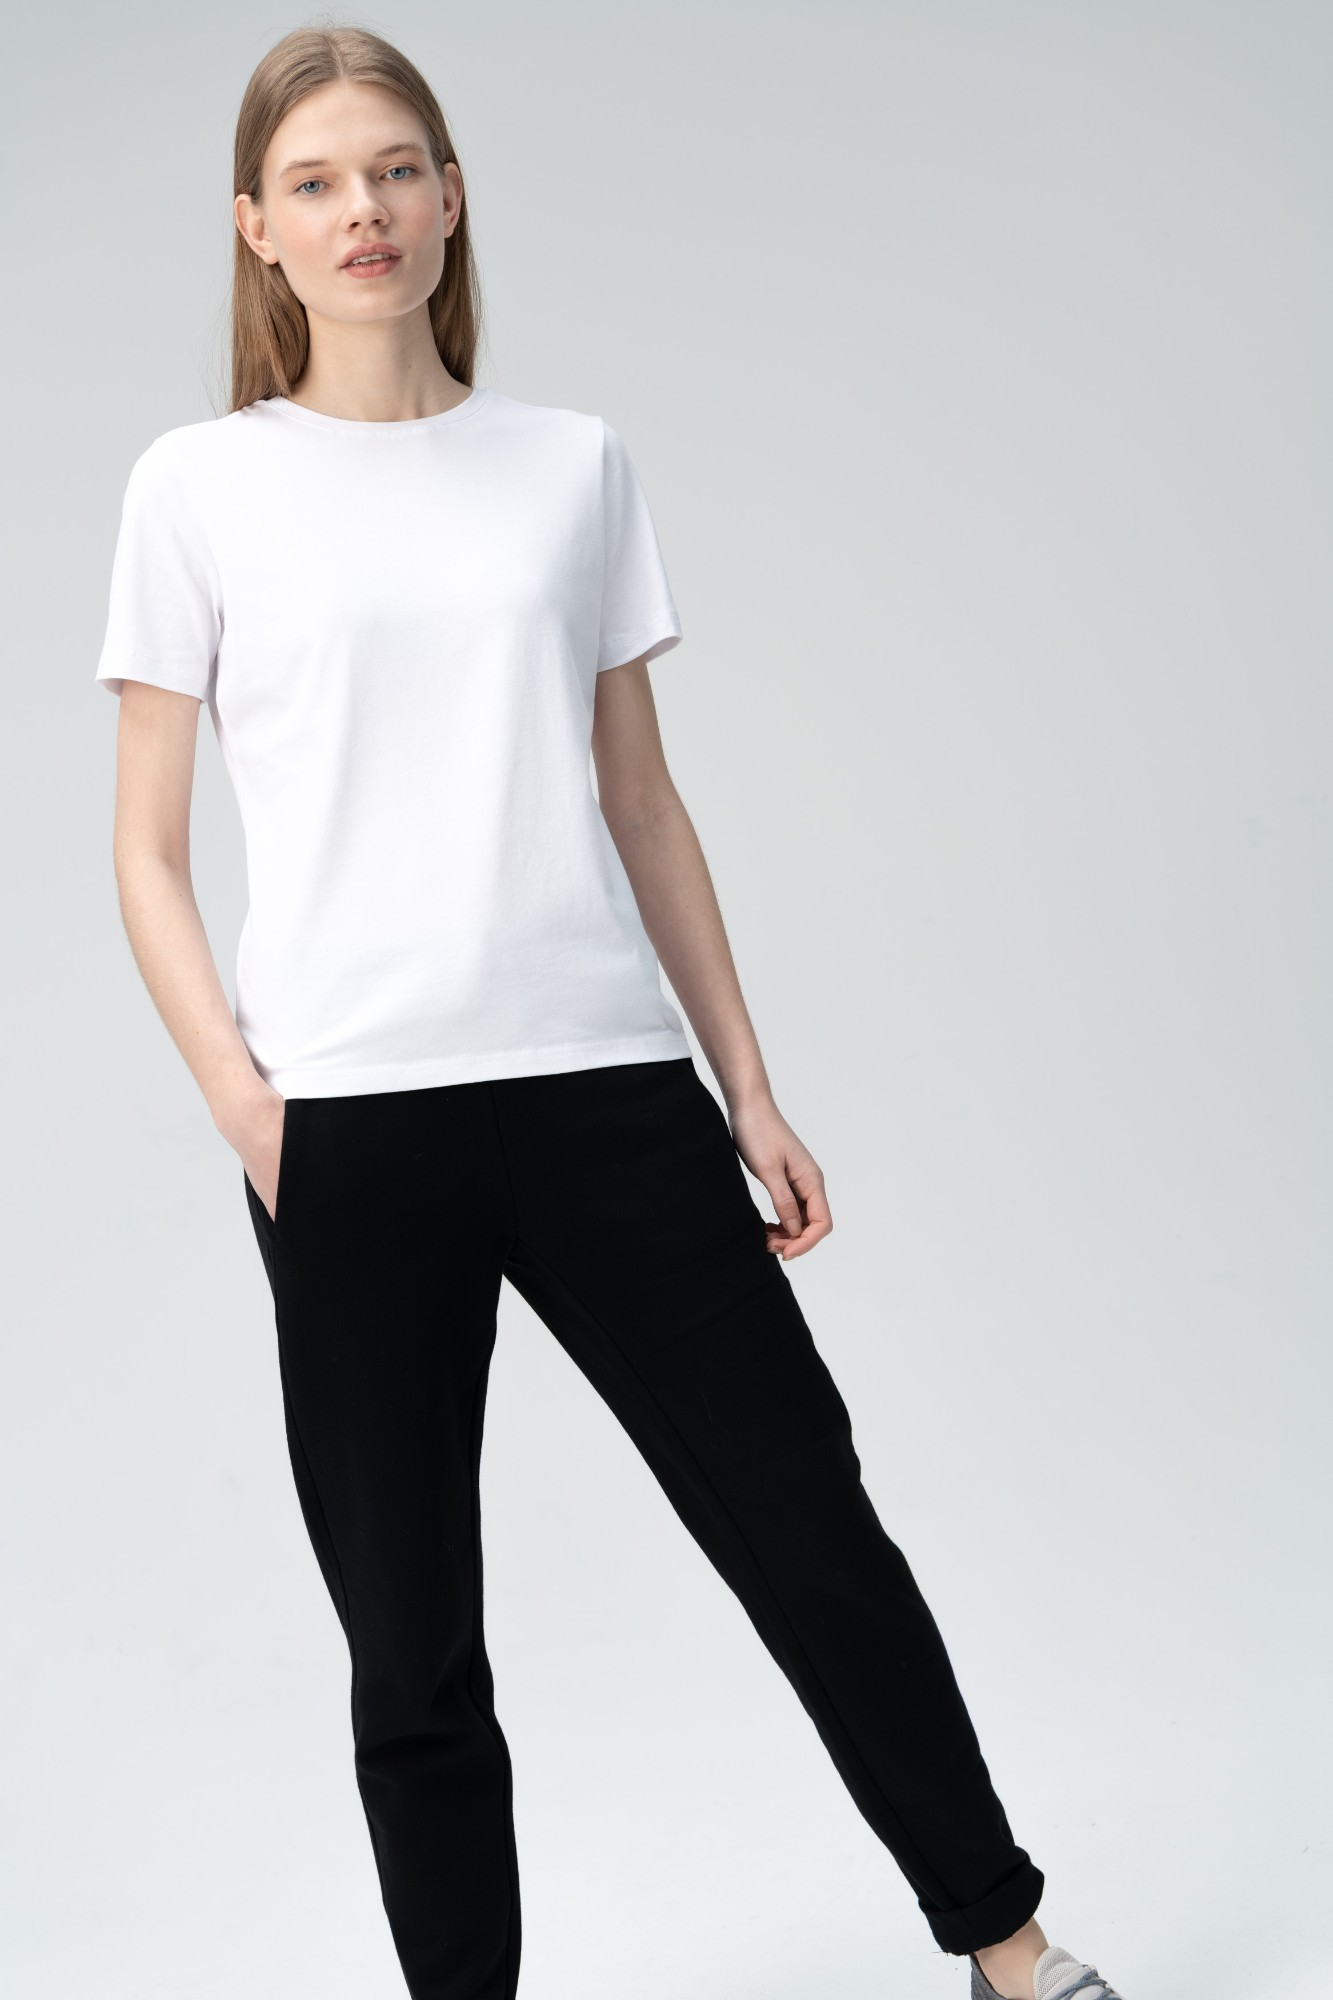 AUDIMAS Tamprūs medvilniniai marškinėliai 2011-073 White XS